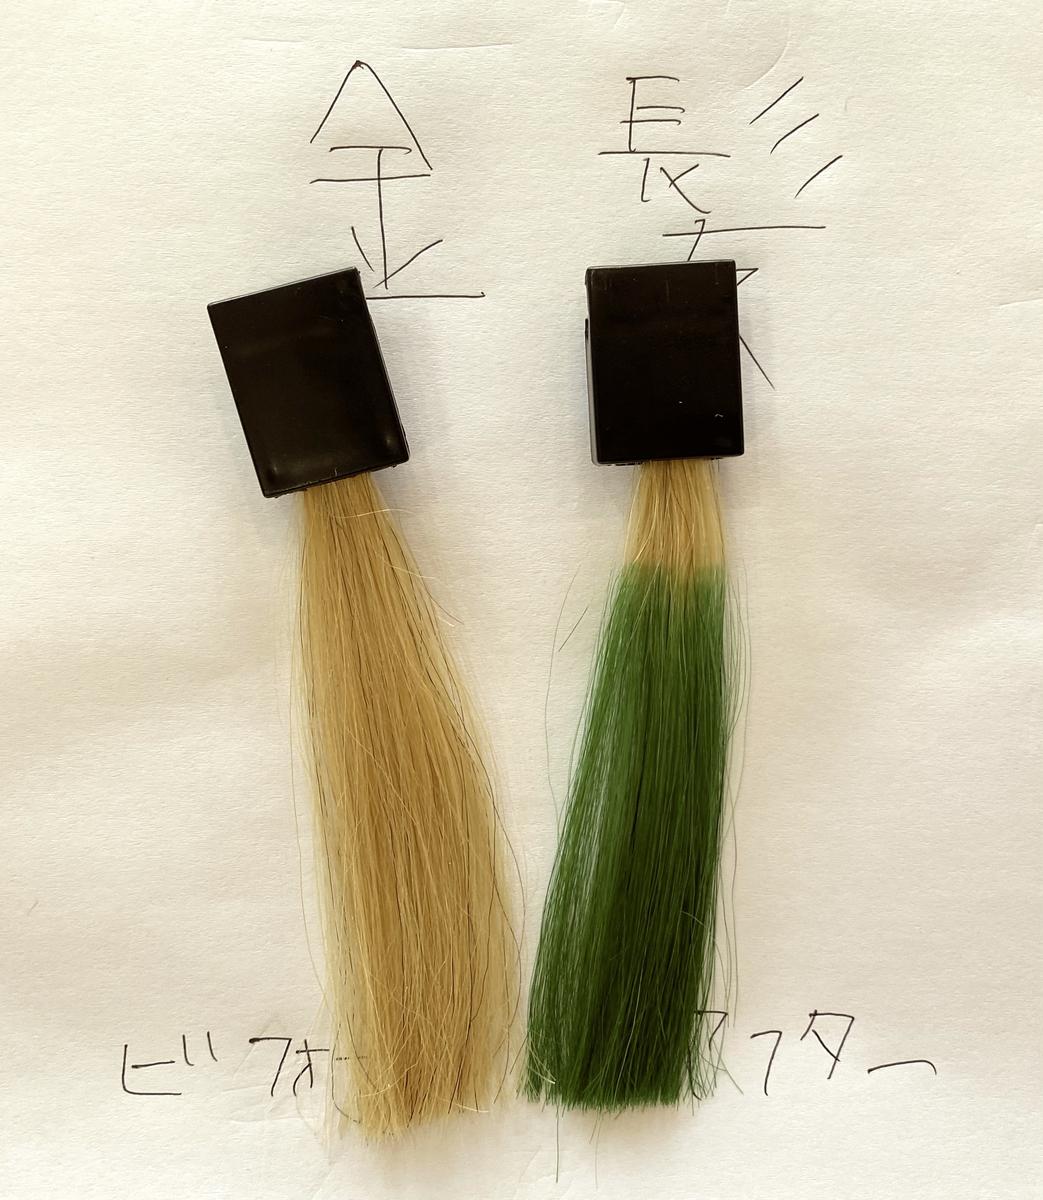 画黒左が金髪で画面右が金髪にヘンプグリーンで染めた仕上がり